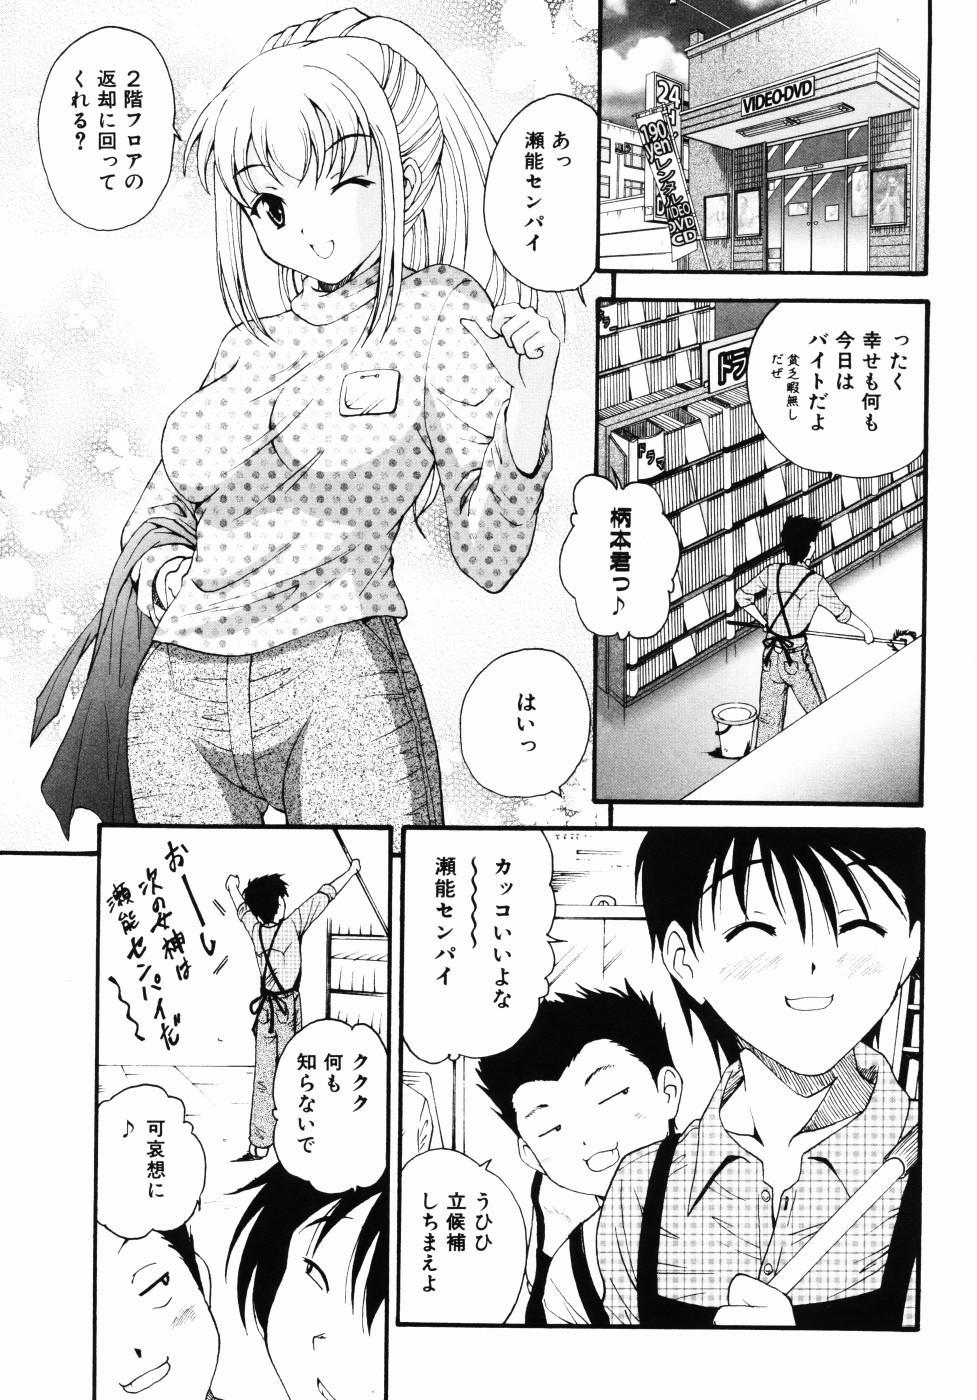 Daikyou Megami 83